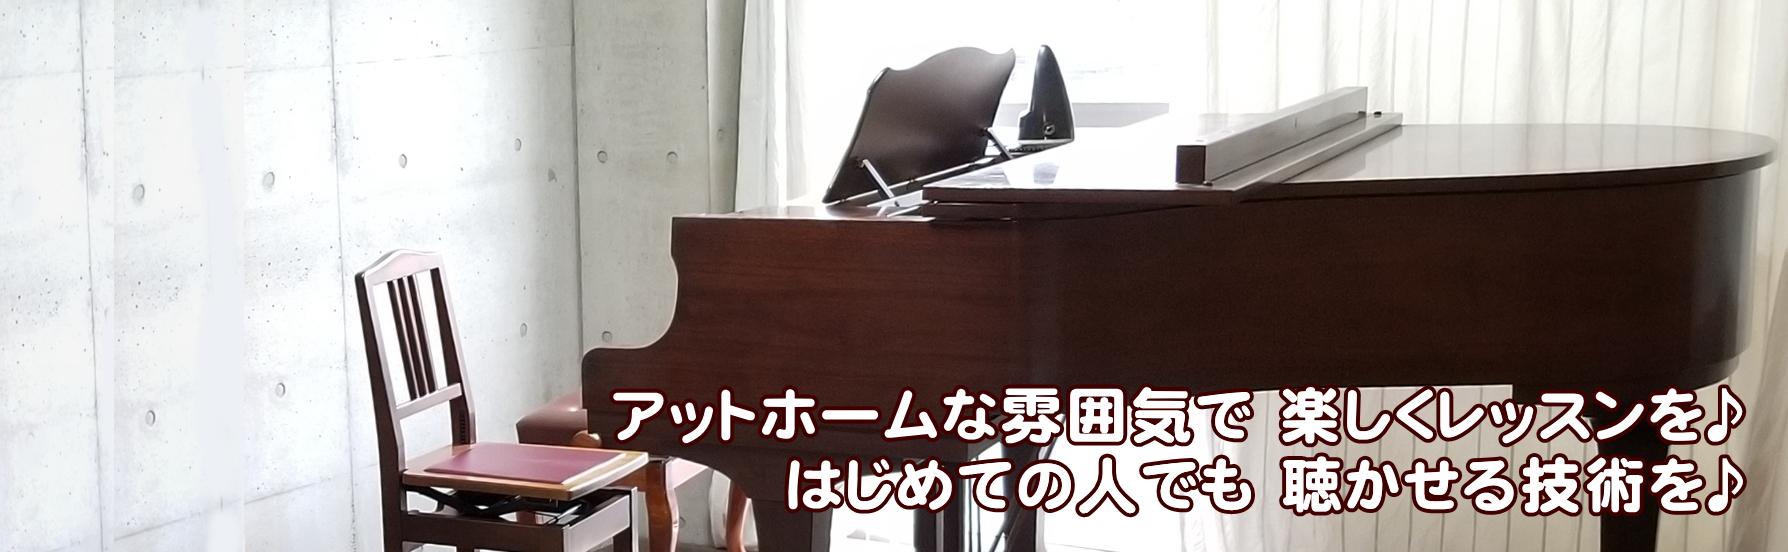 渡辺ピアノ教室